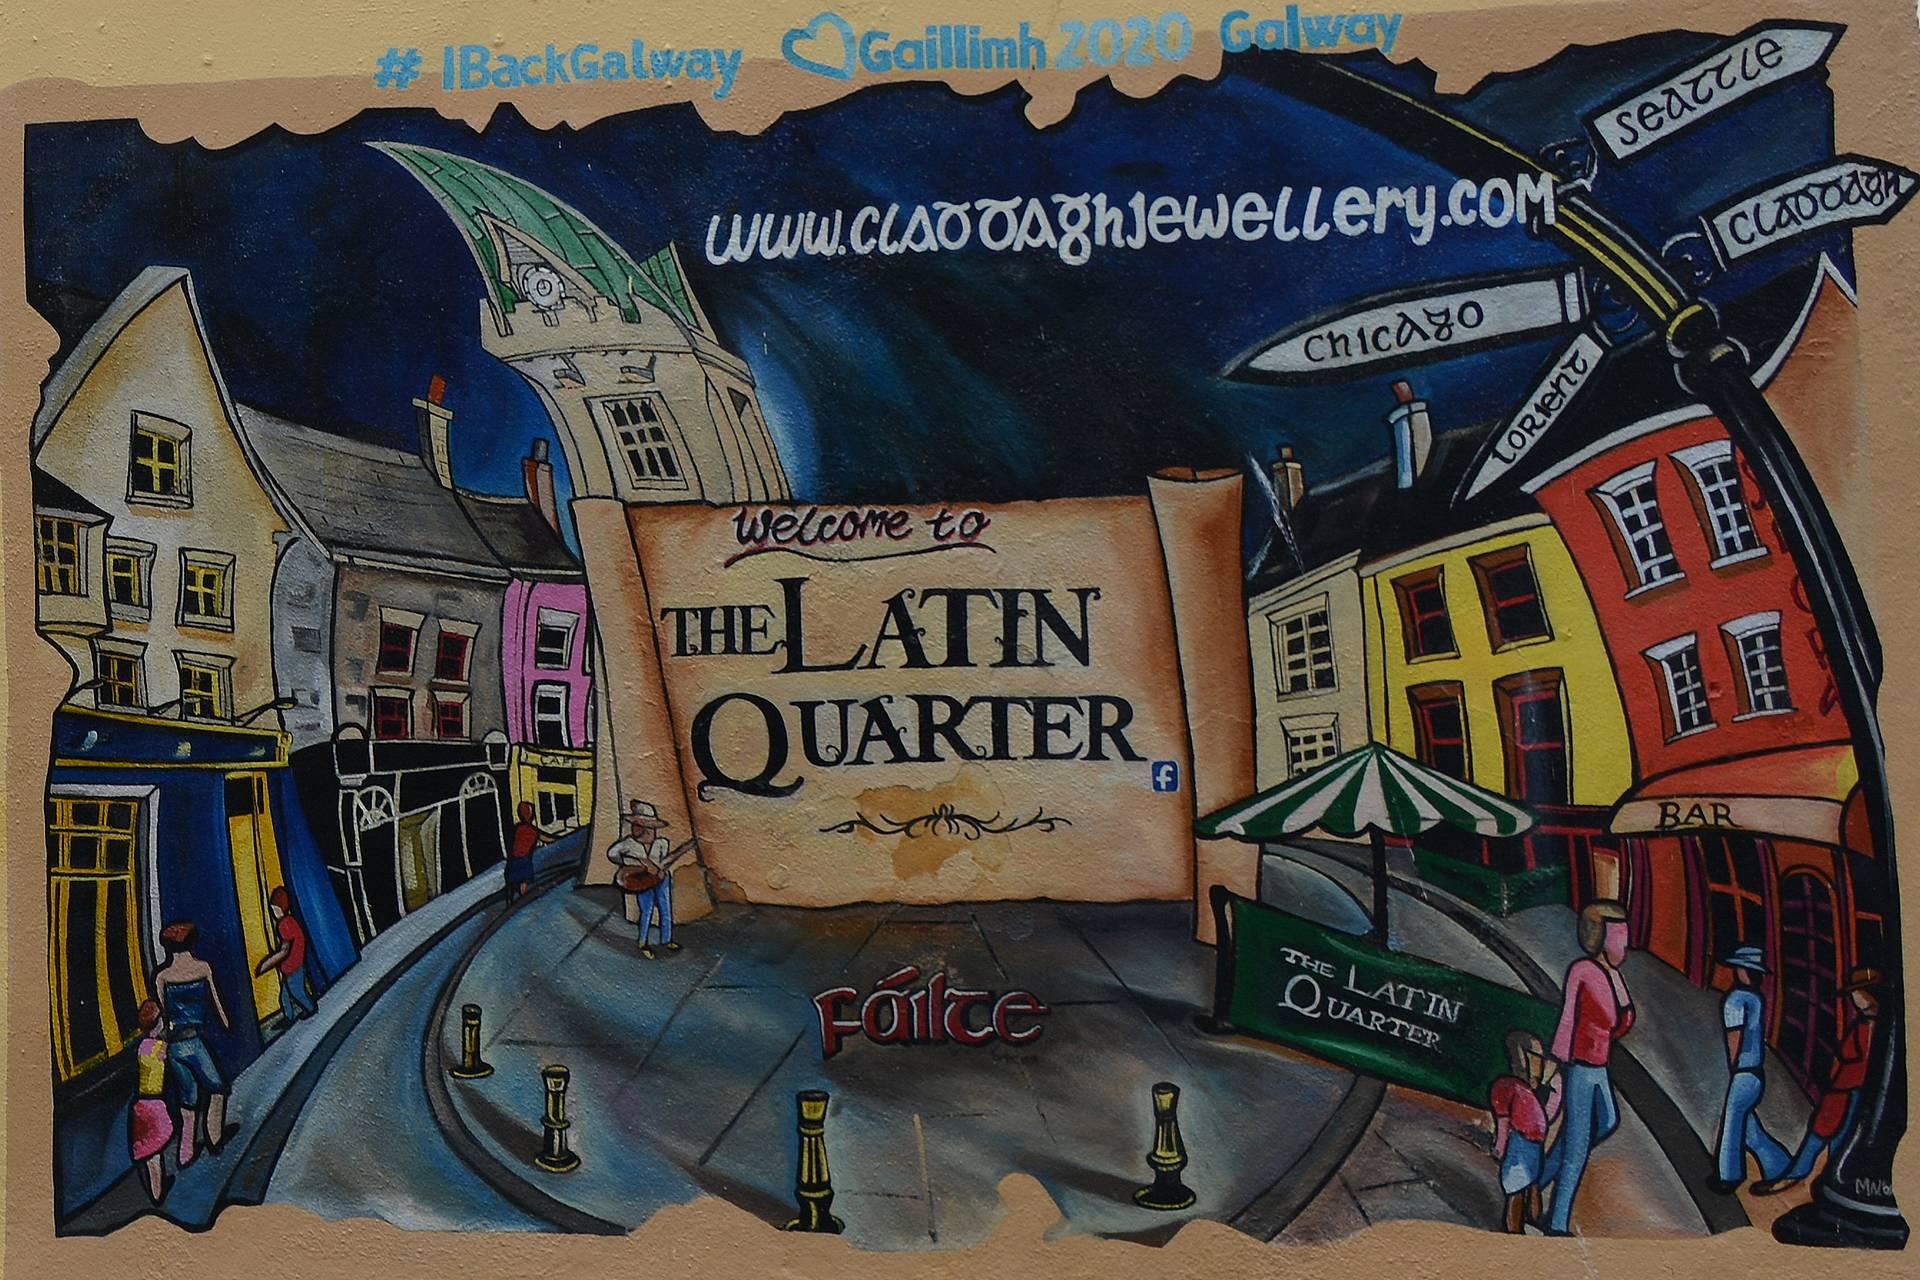 The Latin Quarter on täynnä erinomaisia pubeja.